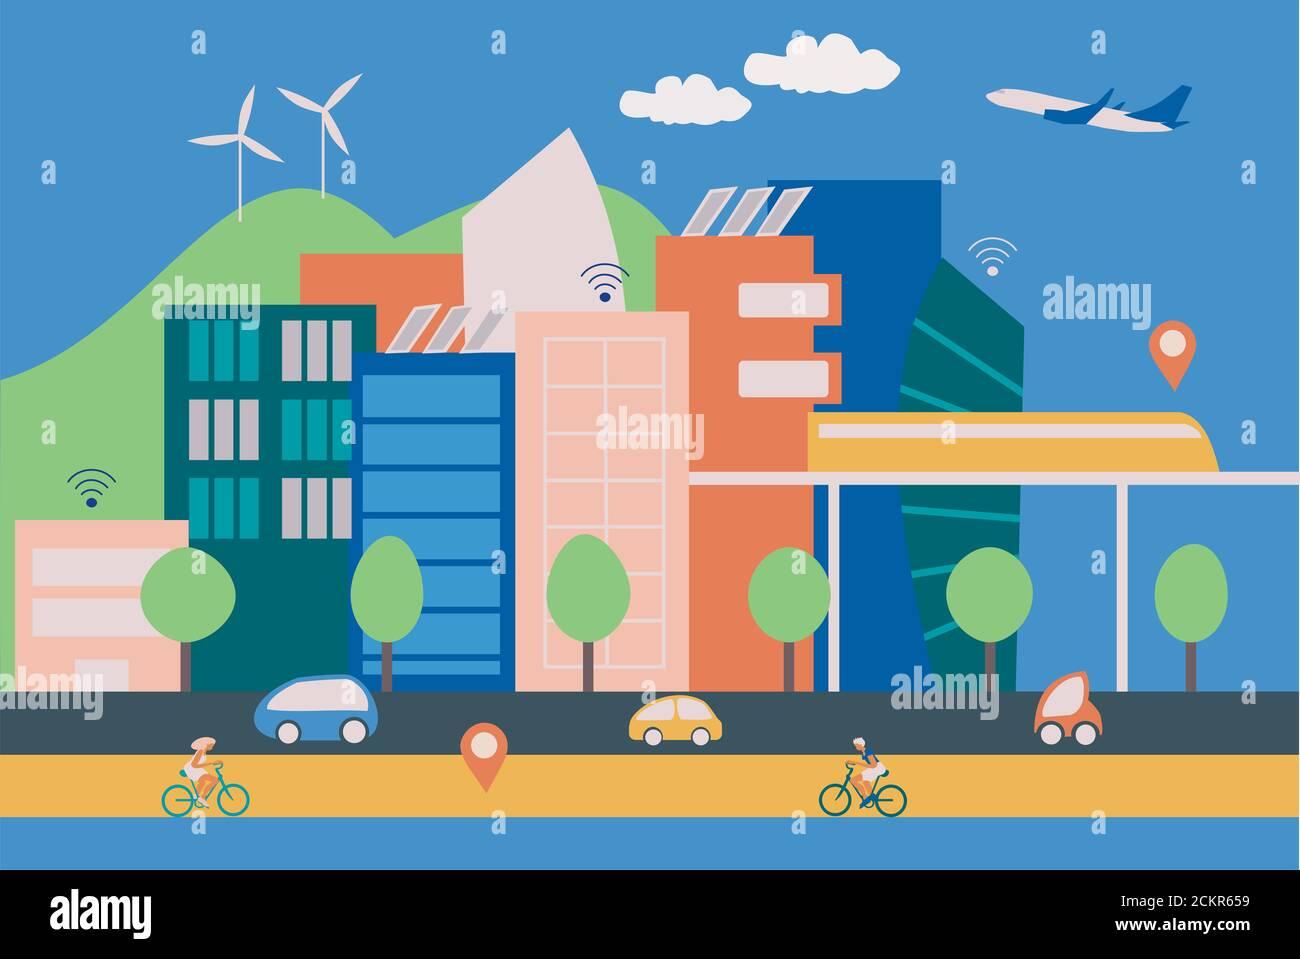 Ilustración de una ciudad moderna y elegante con edificios contemporáneos, gente en bicicletas y coches eléctricos, conexión inalámbrica a internet y energía verde pr Foto de stock